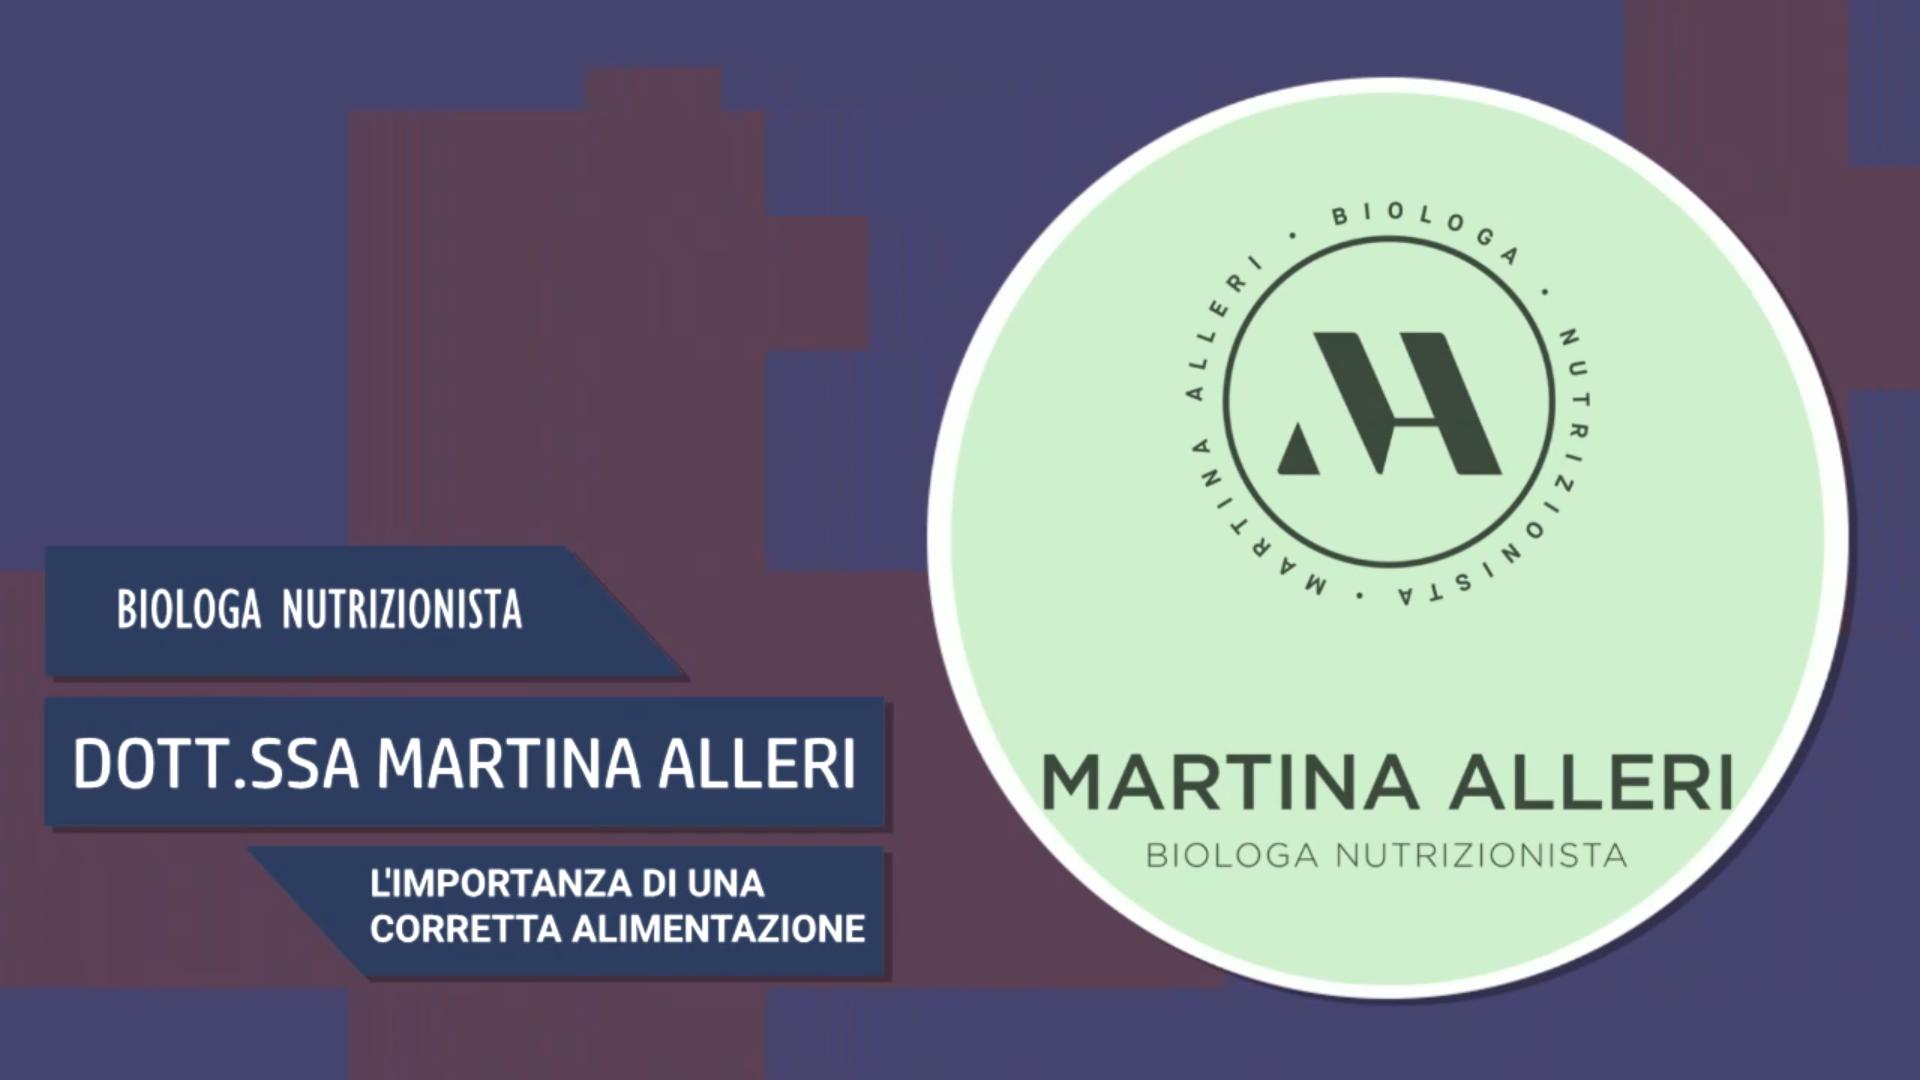 Intervista alla Dott.ssa Martina Alleri – L'importanza di una corretta alimentazione